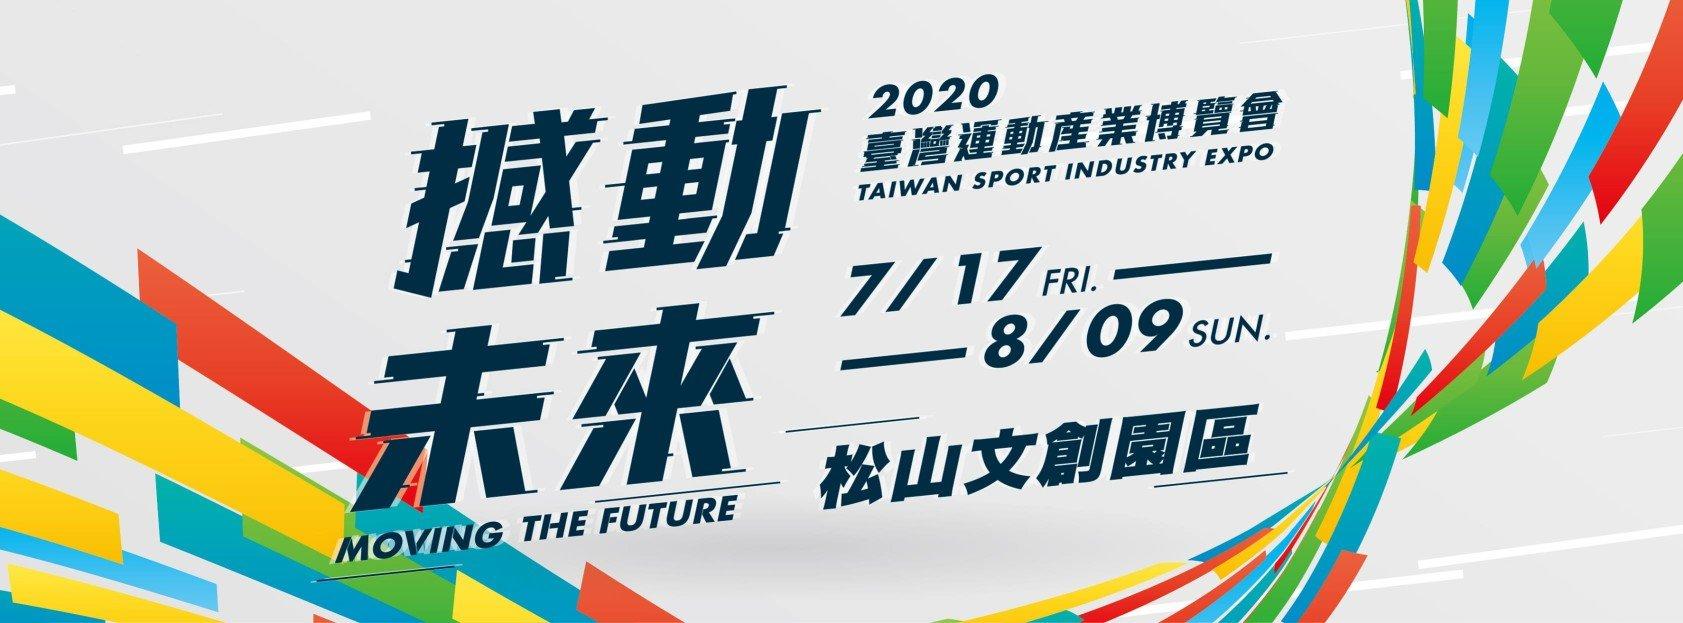 臺灣運動產業博覽會